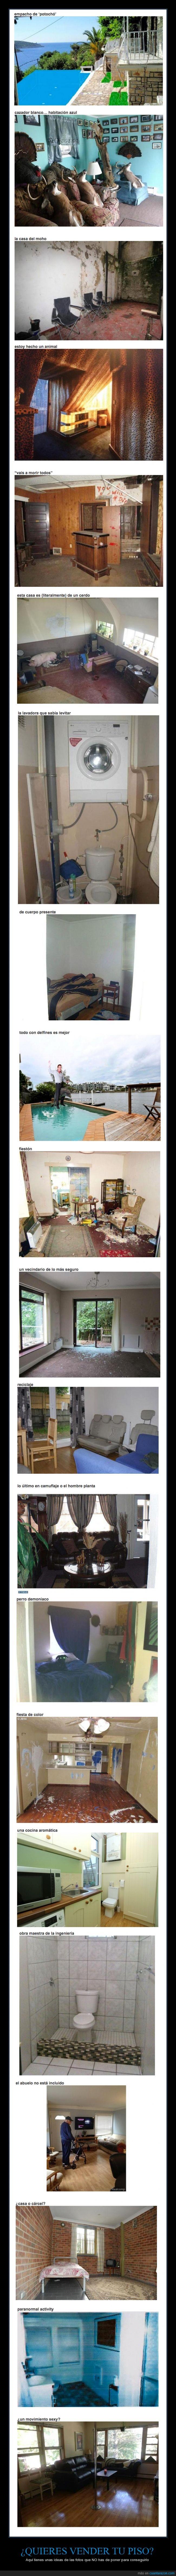 alquilar,casa,casero,cerdo,encontradas,inmobiliaria,miedo,pintura,reales,roto,sucio,vender